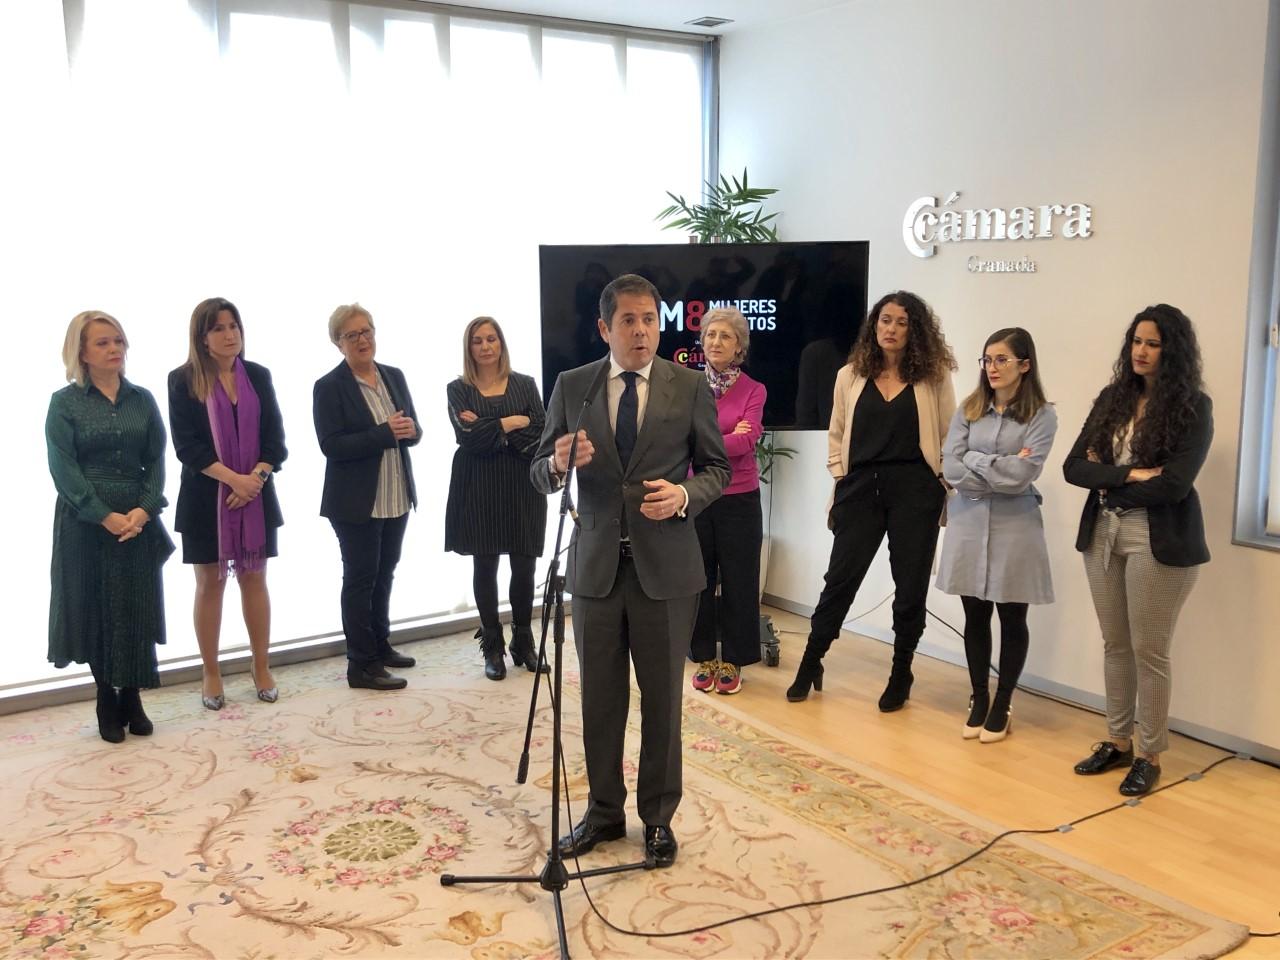 Para Gerardo Cuerva Granada está desperdiciando el talento empresarial femenino